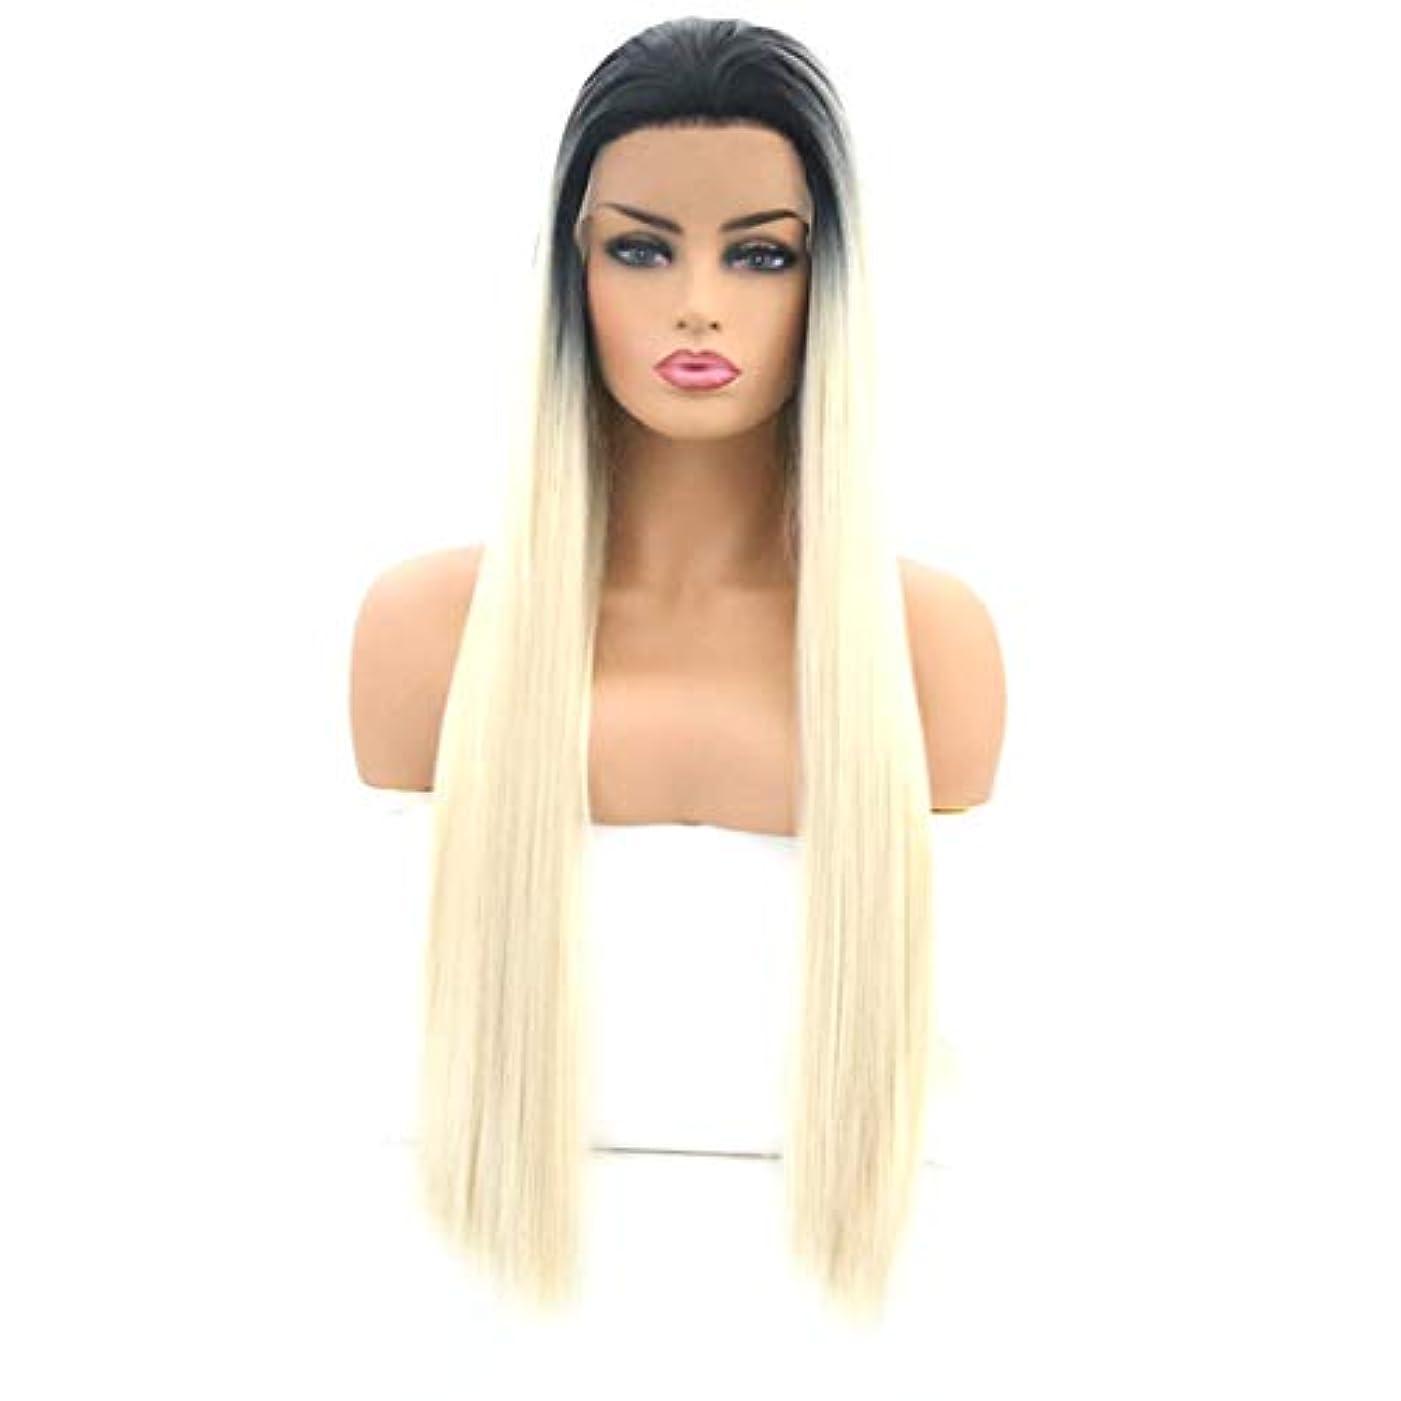 帳面ほとんどないあなたのものKerwinner 女性のためのロングストレートヘアウィッグフロントレース高温シルクウィッグセット (Size : 18 inches)